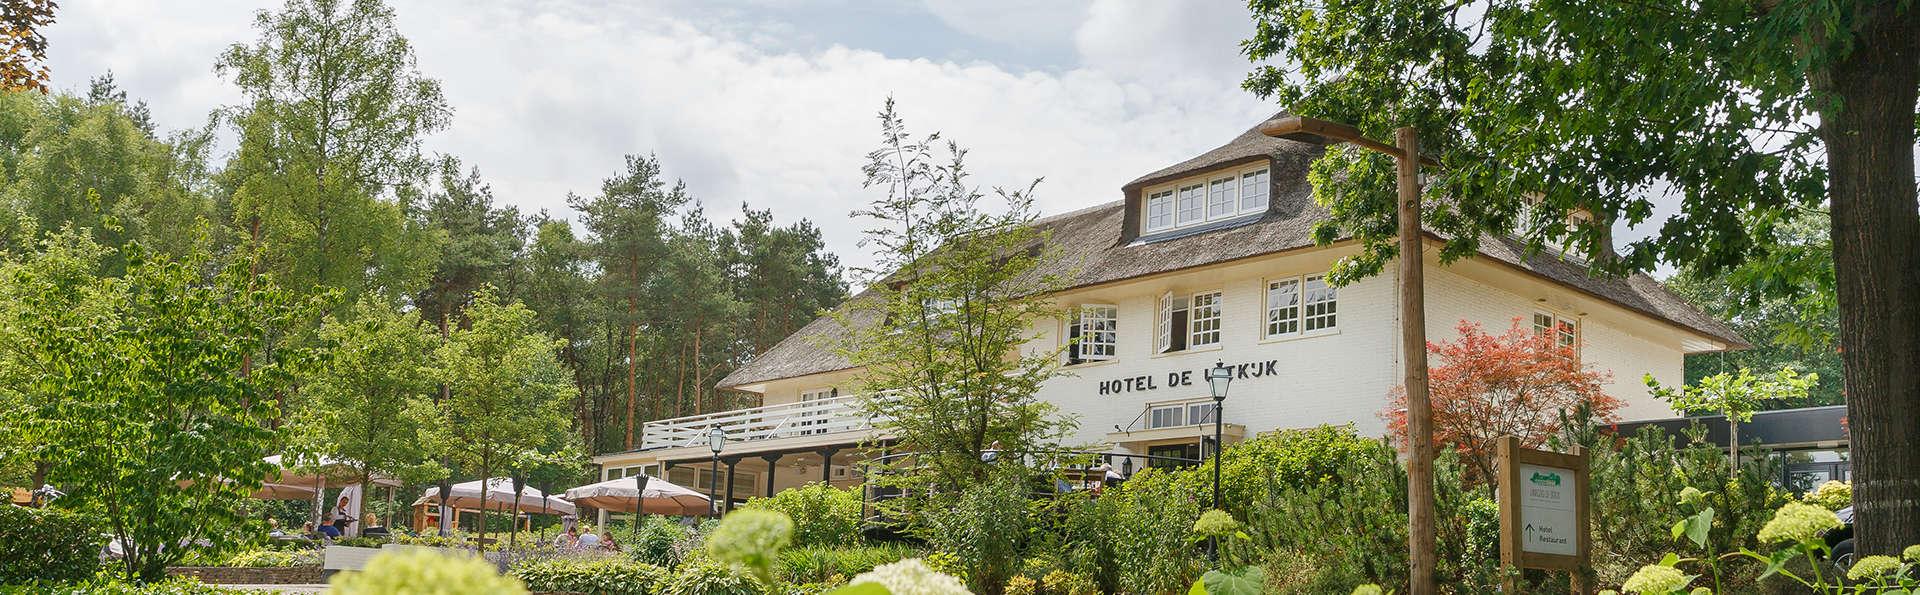 Hotel de Uitkijk Hellendoorn - EDIT_NEW_front1.jpg